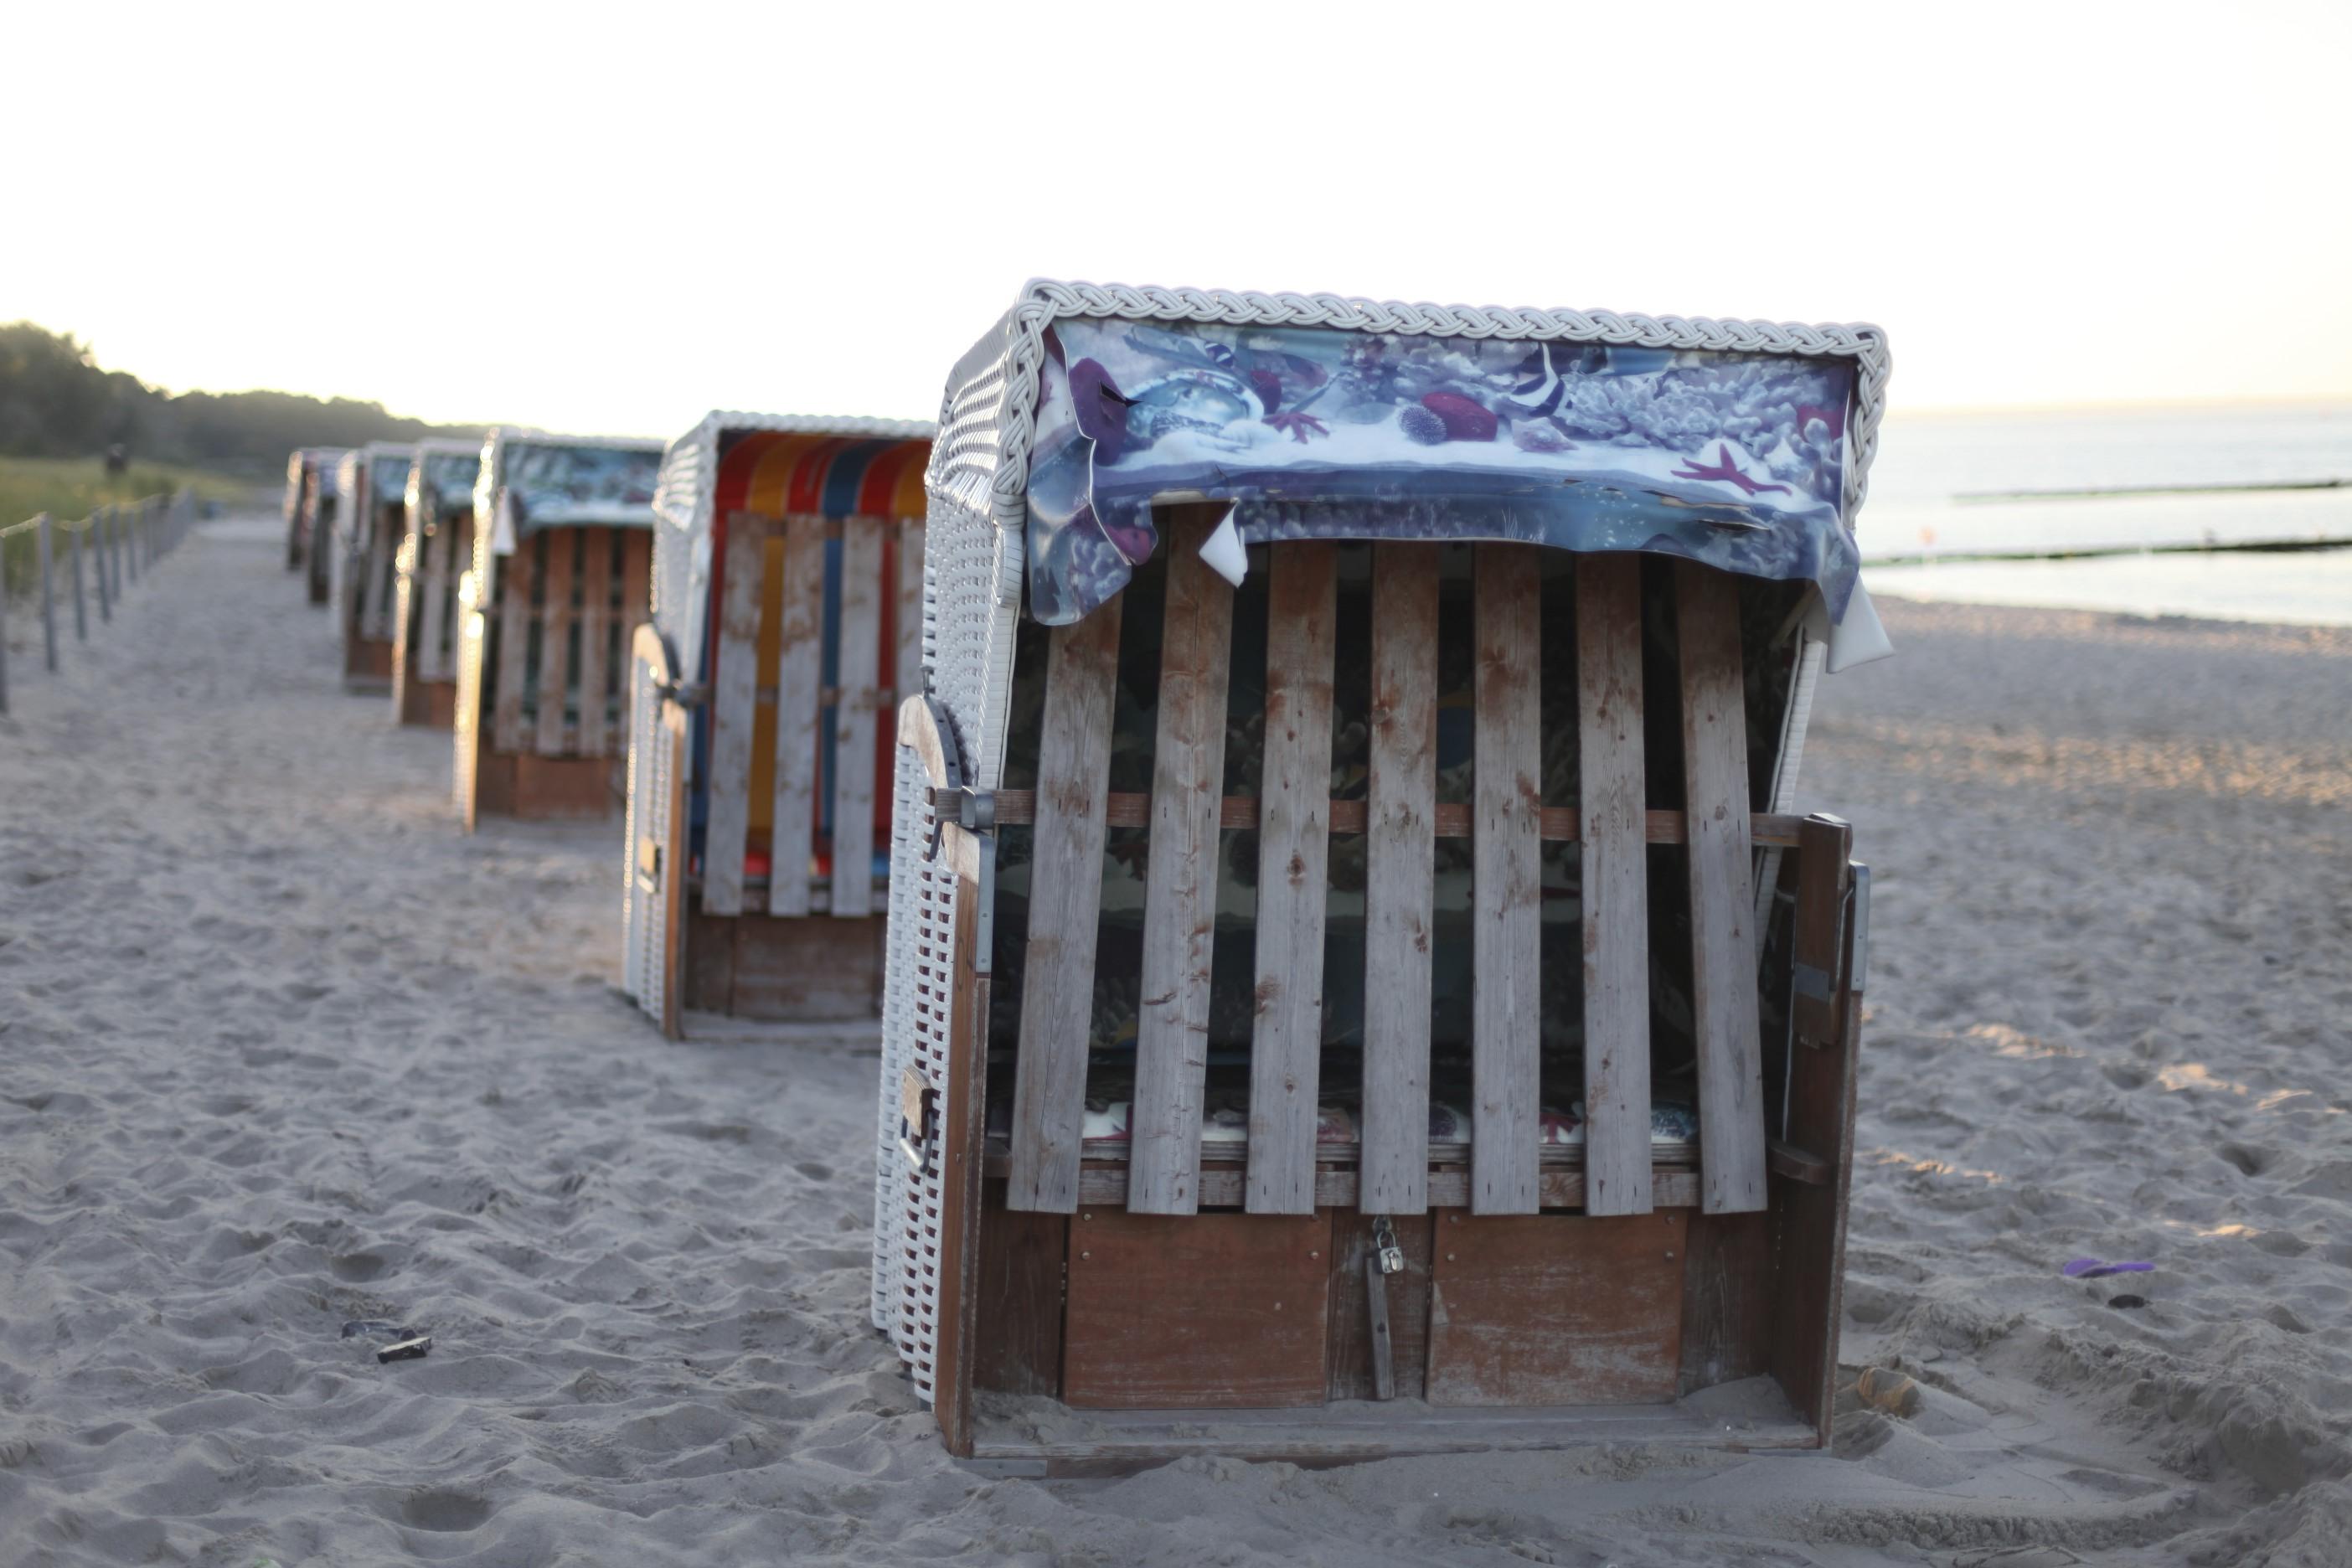 Preiswerte Ferienwohnungen in den Zeugnisferien 2017